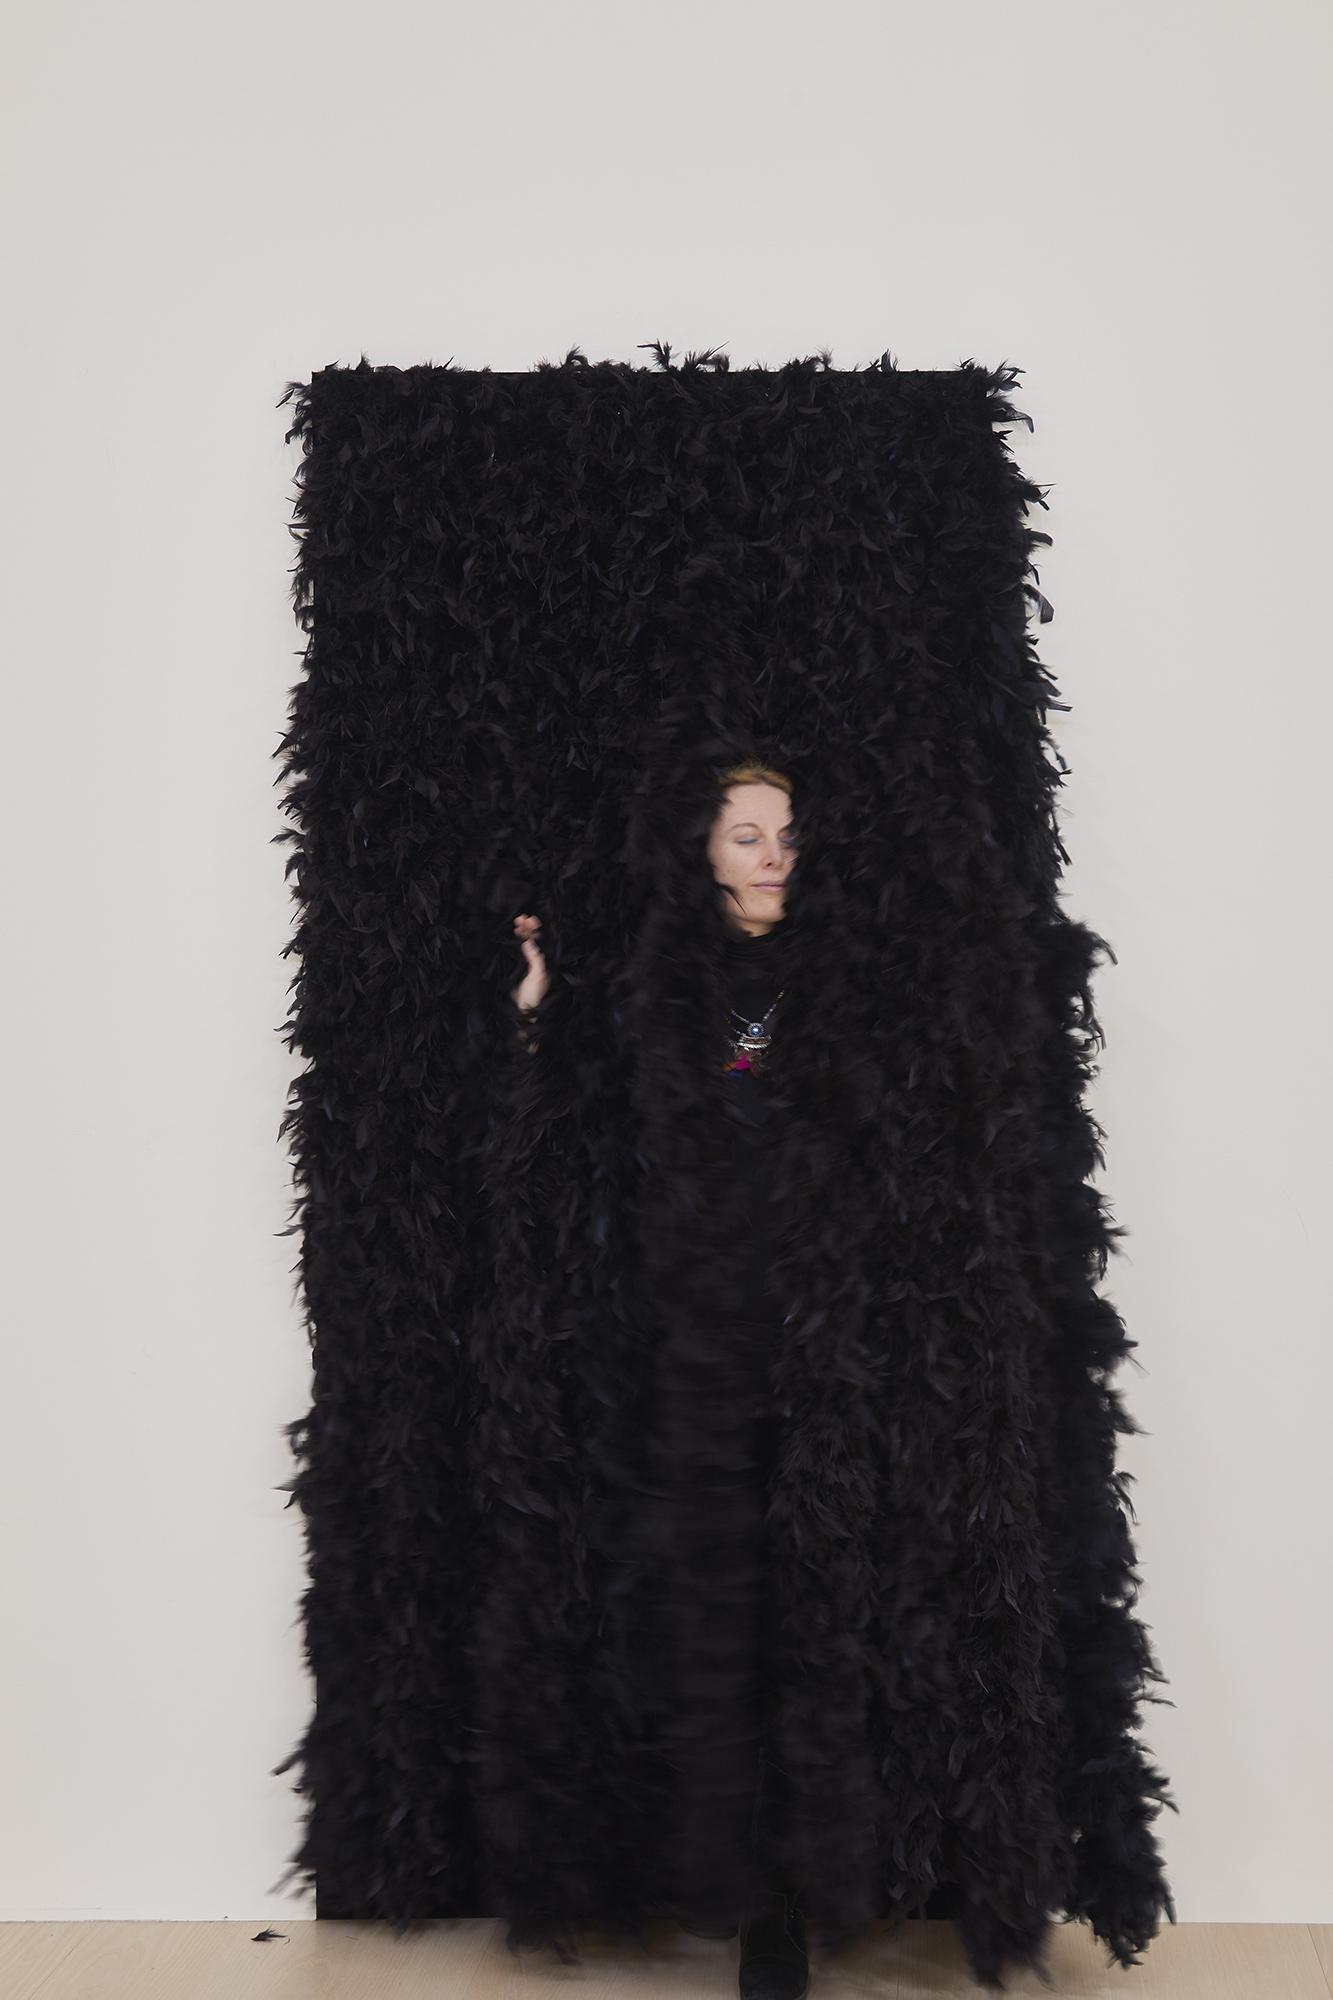 Esther Ferrer. Entrada a una exposición, 1990/2018. © Esther Ferrer, VEGAP, Bilbao, 2018. Foto: Erika Ede.